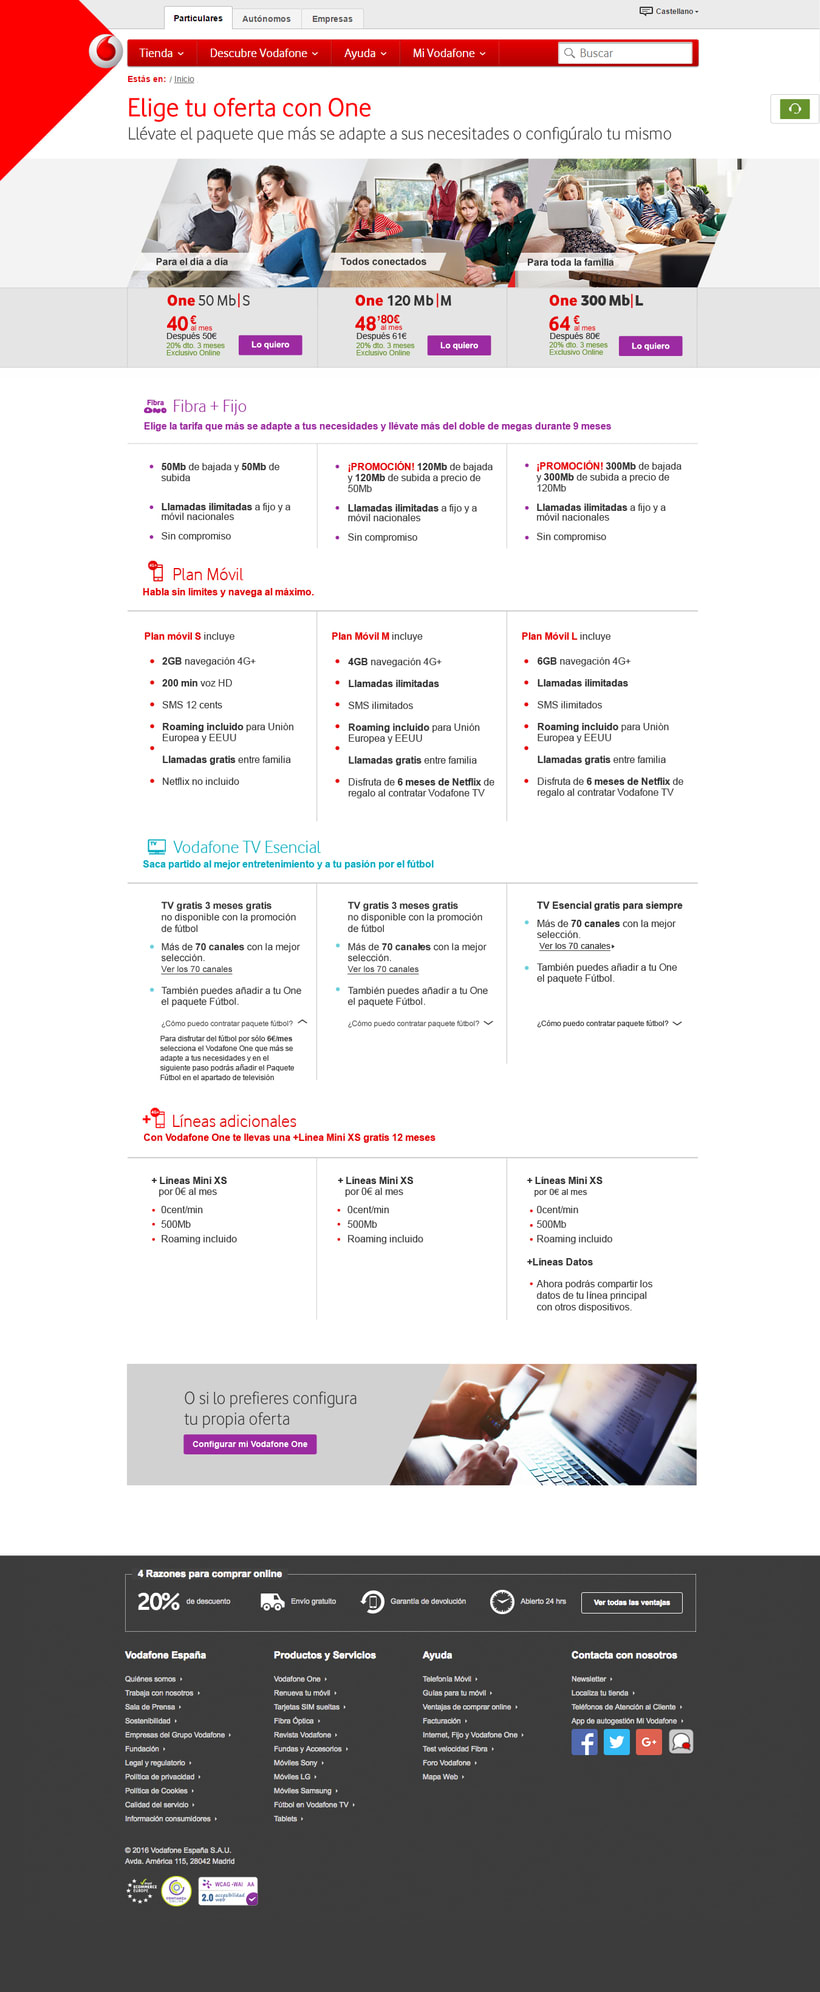 Vodafone Web design - Comparador de Oferta 1